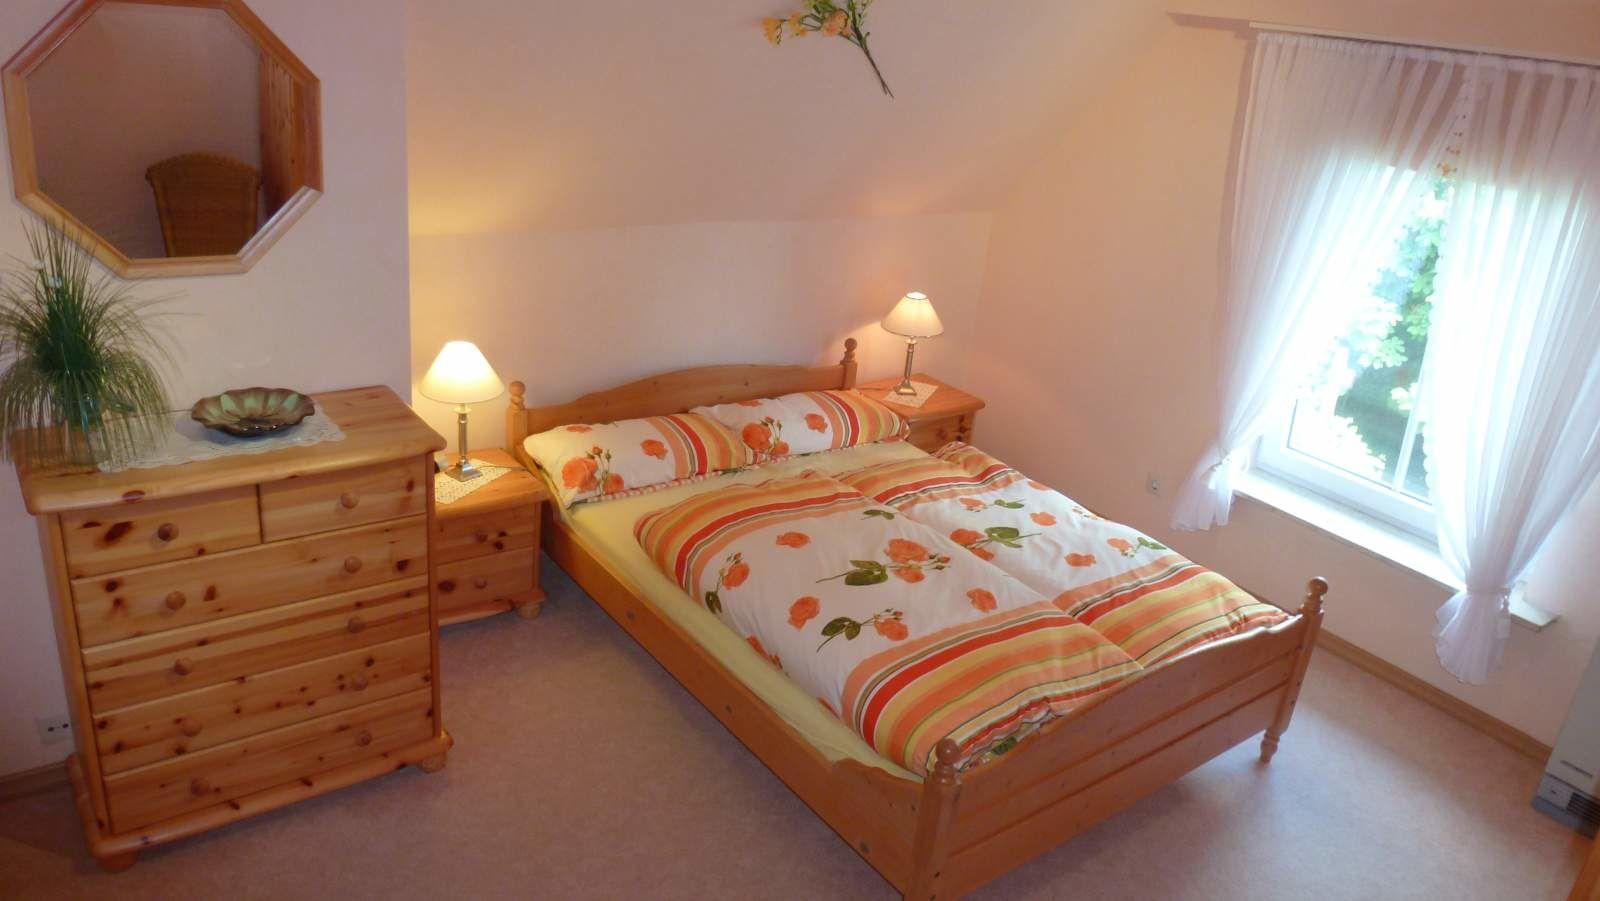 Schlafcouch im großem Schlafzimmer